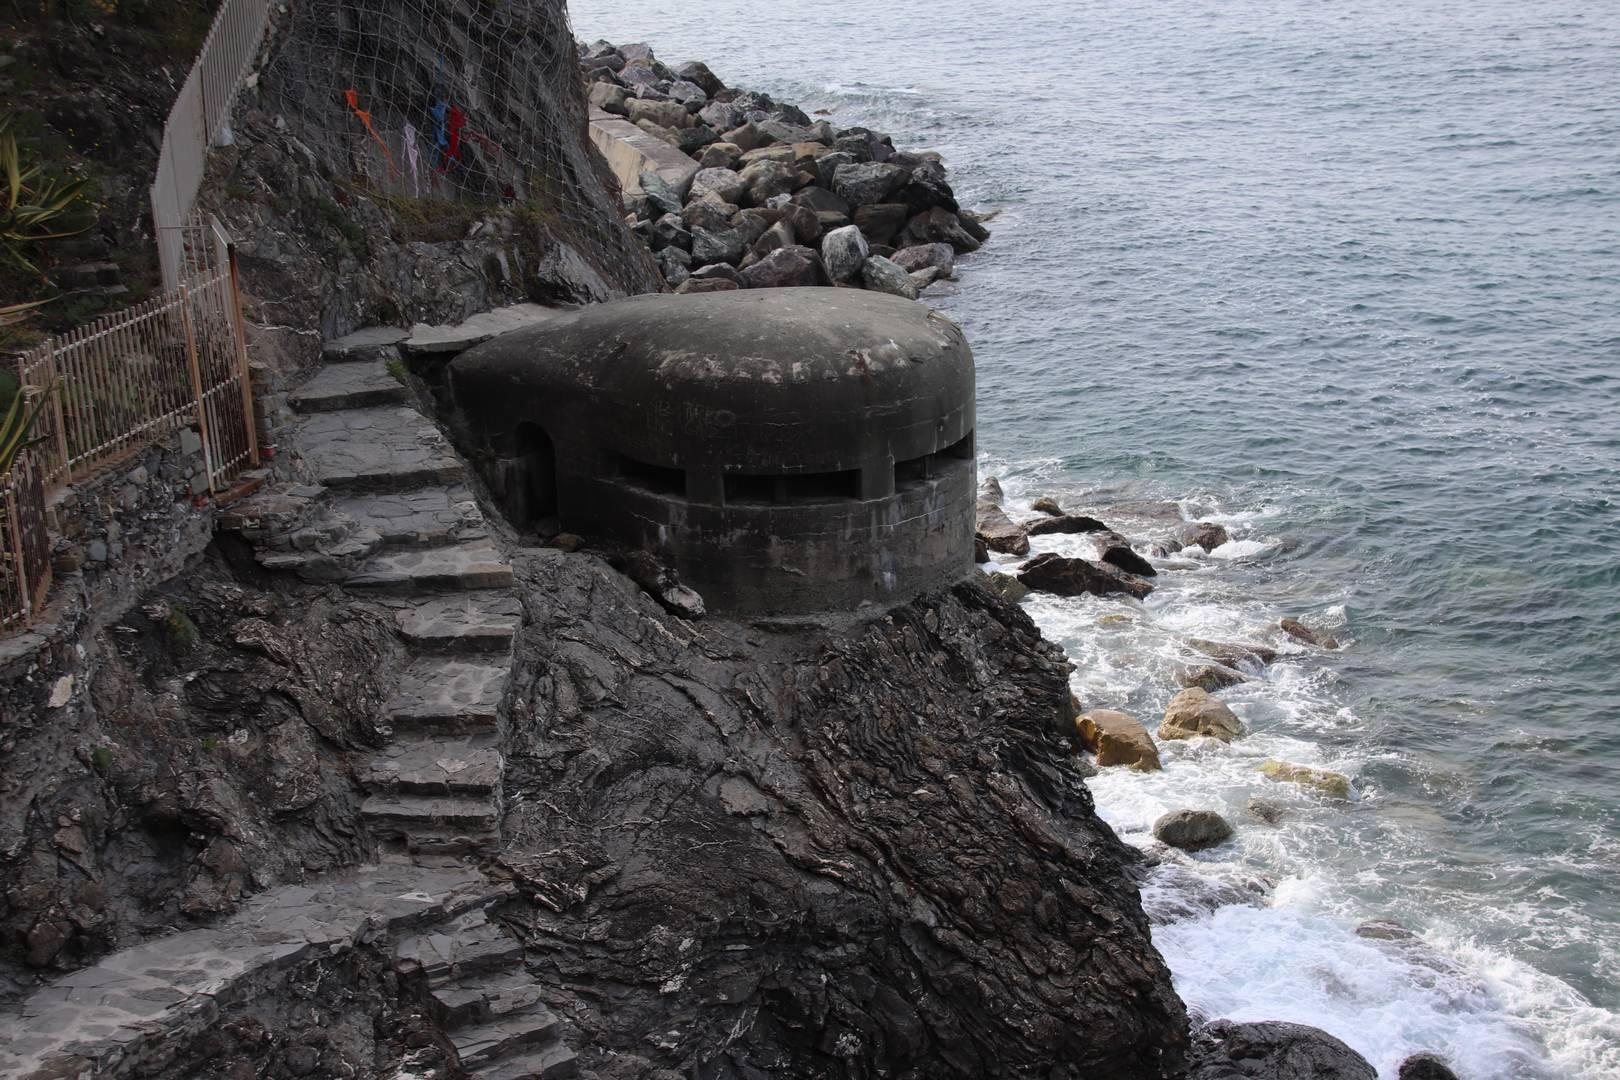 Italie - Bunker dans le village de Monterosso, parc des cinque terre